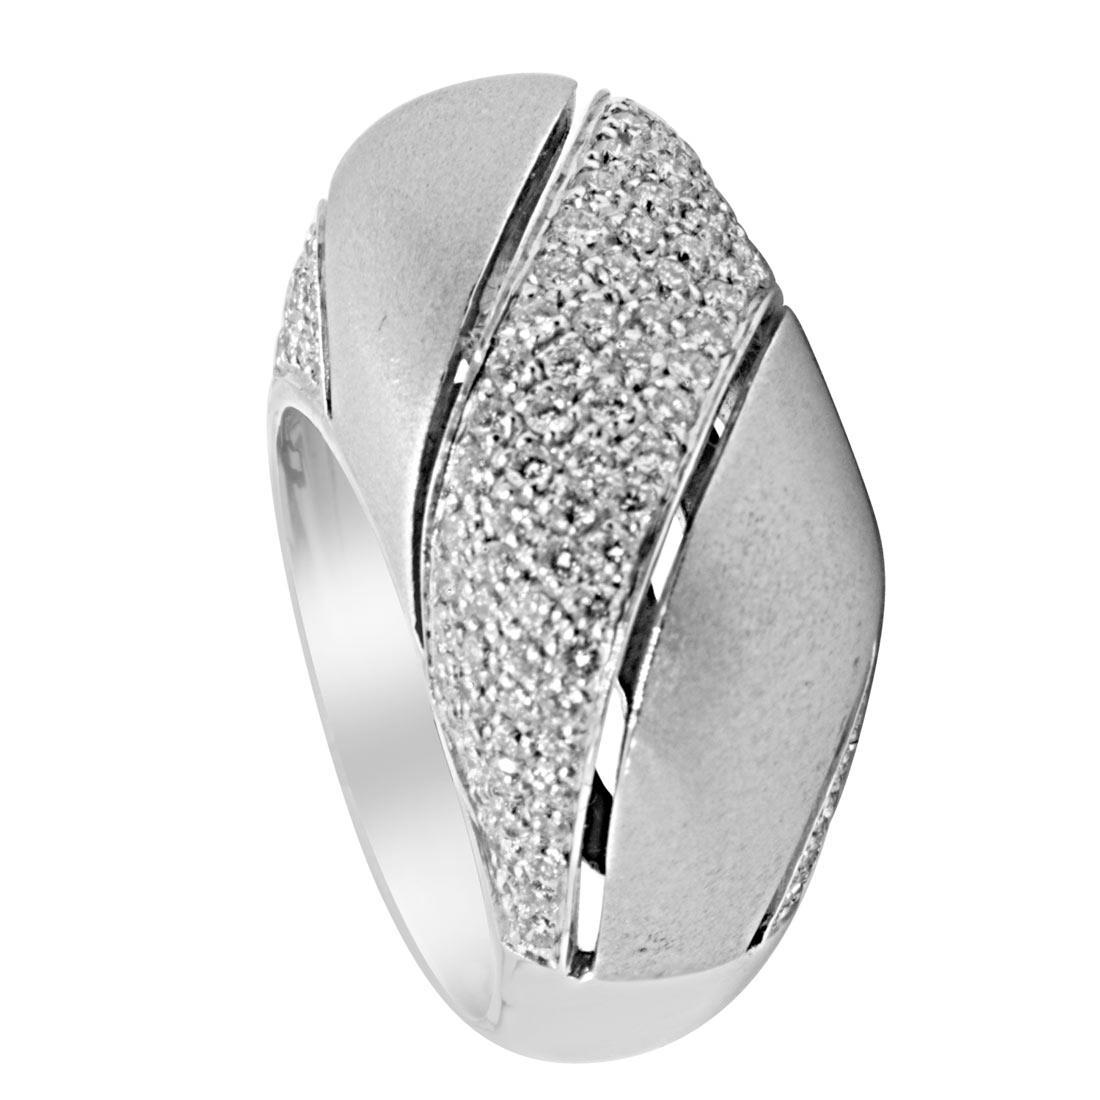 Anello Damiani in oro bianco con diamanti ct 1,09 - DAMIANI